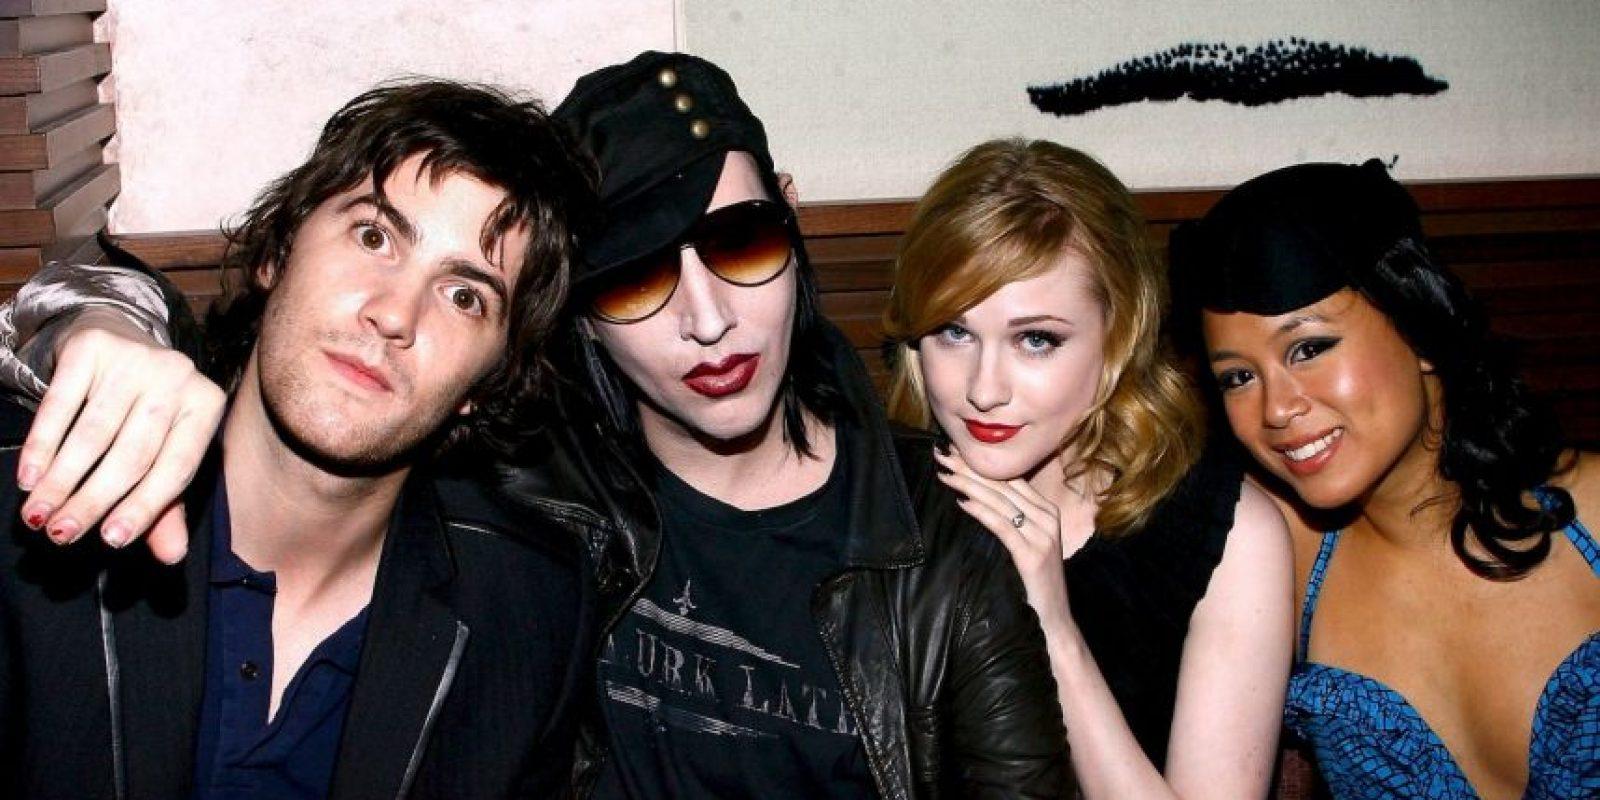 El cantante, pintor, director y escritor también gusta de una apariencia andrógina. Foto:Getty Images